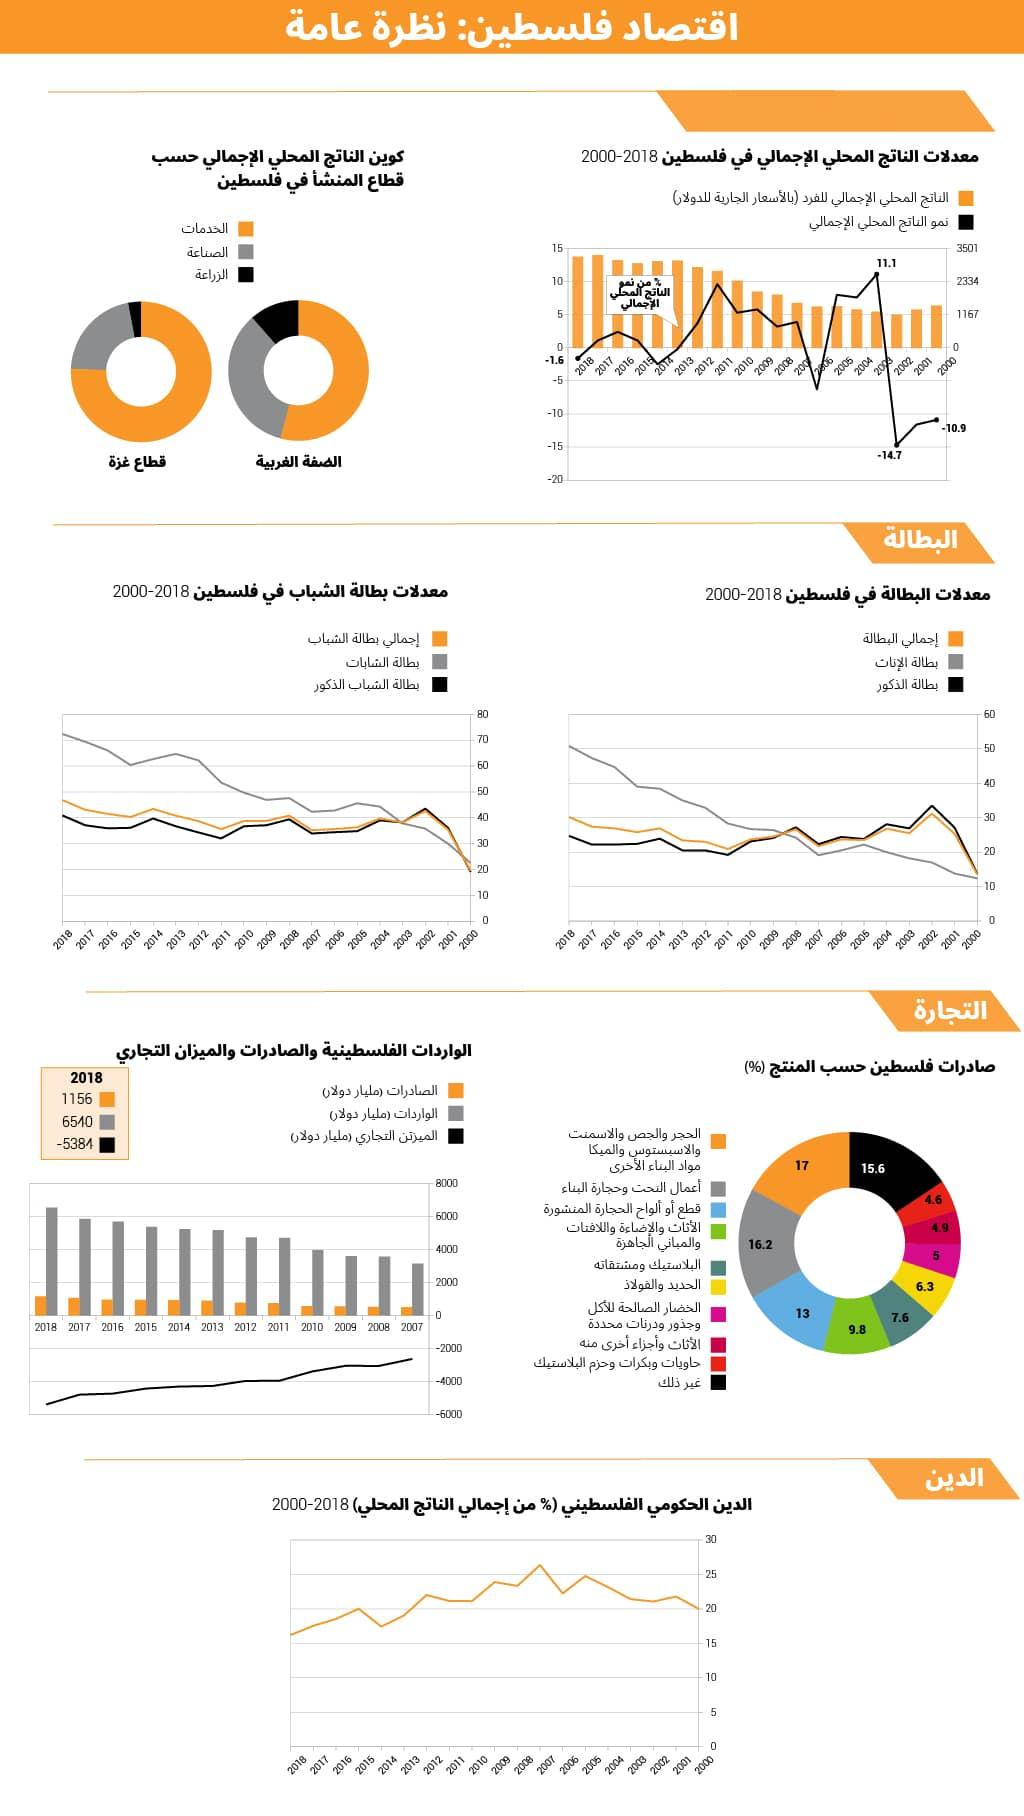 اقتصاد فلسطين